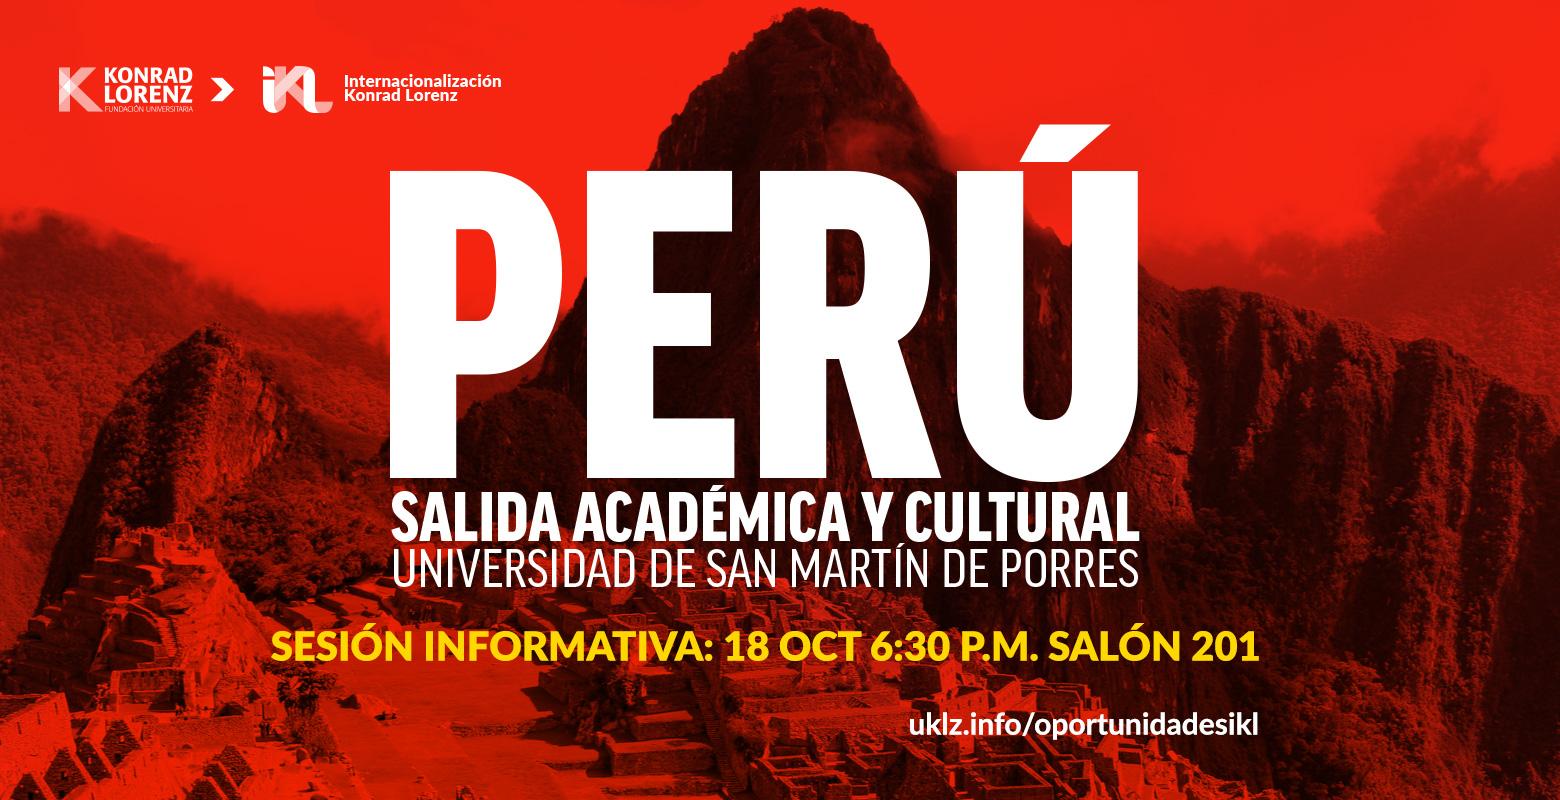 Salida académica y cultural a Perú.